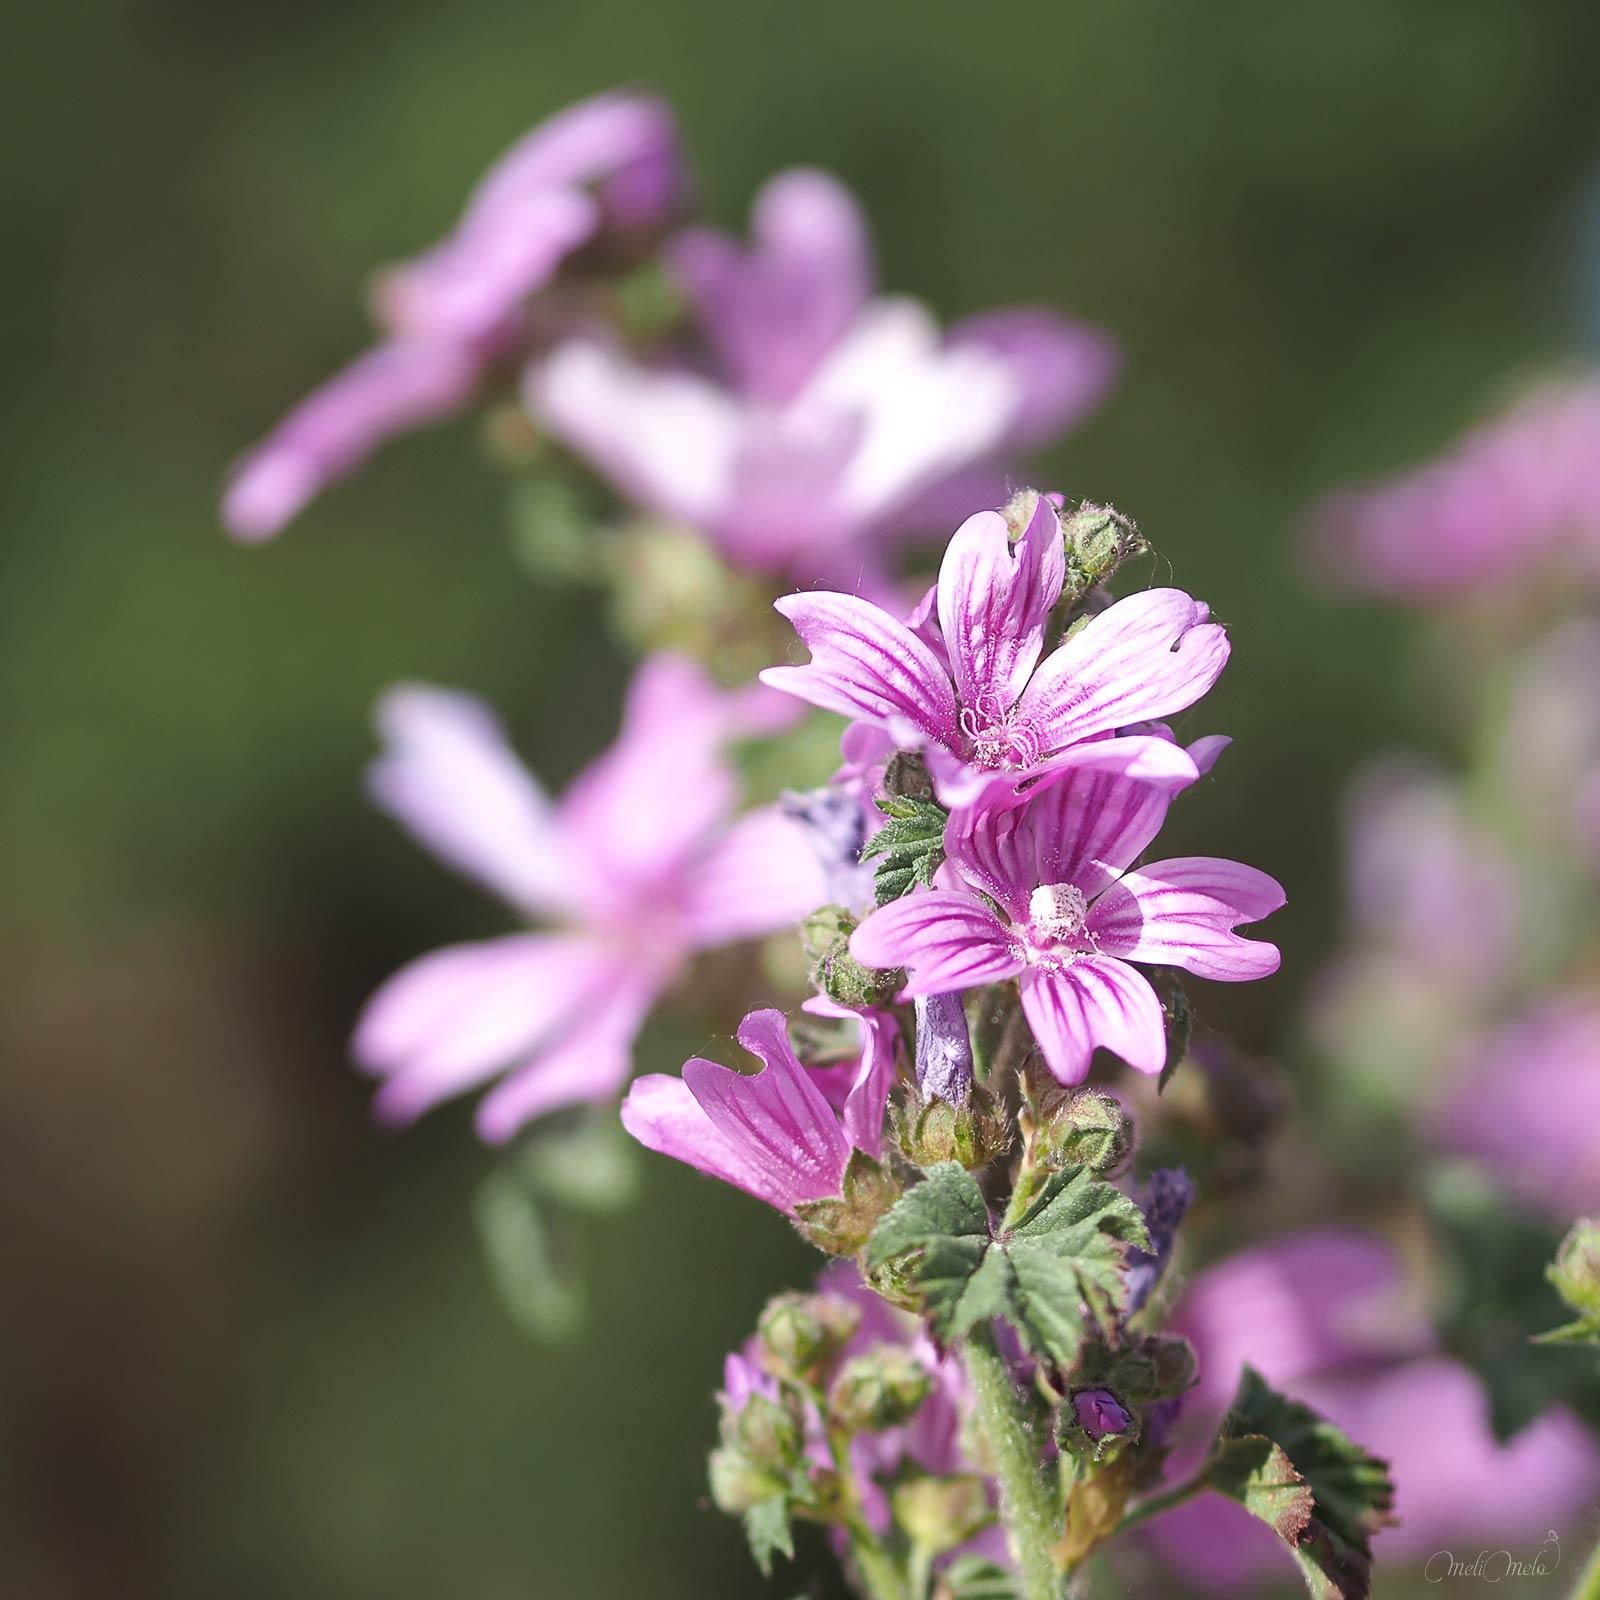 fleurs mauves Malva Sylvestris printemps laboutiquedemelimelo